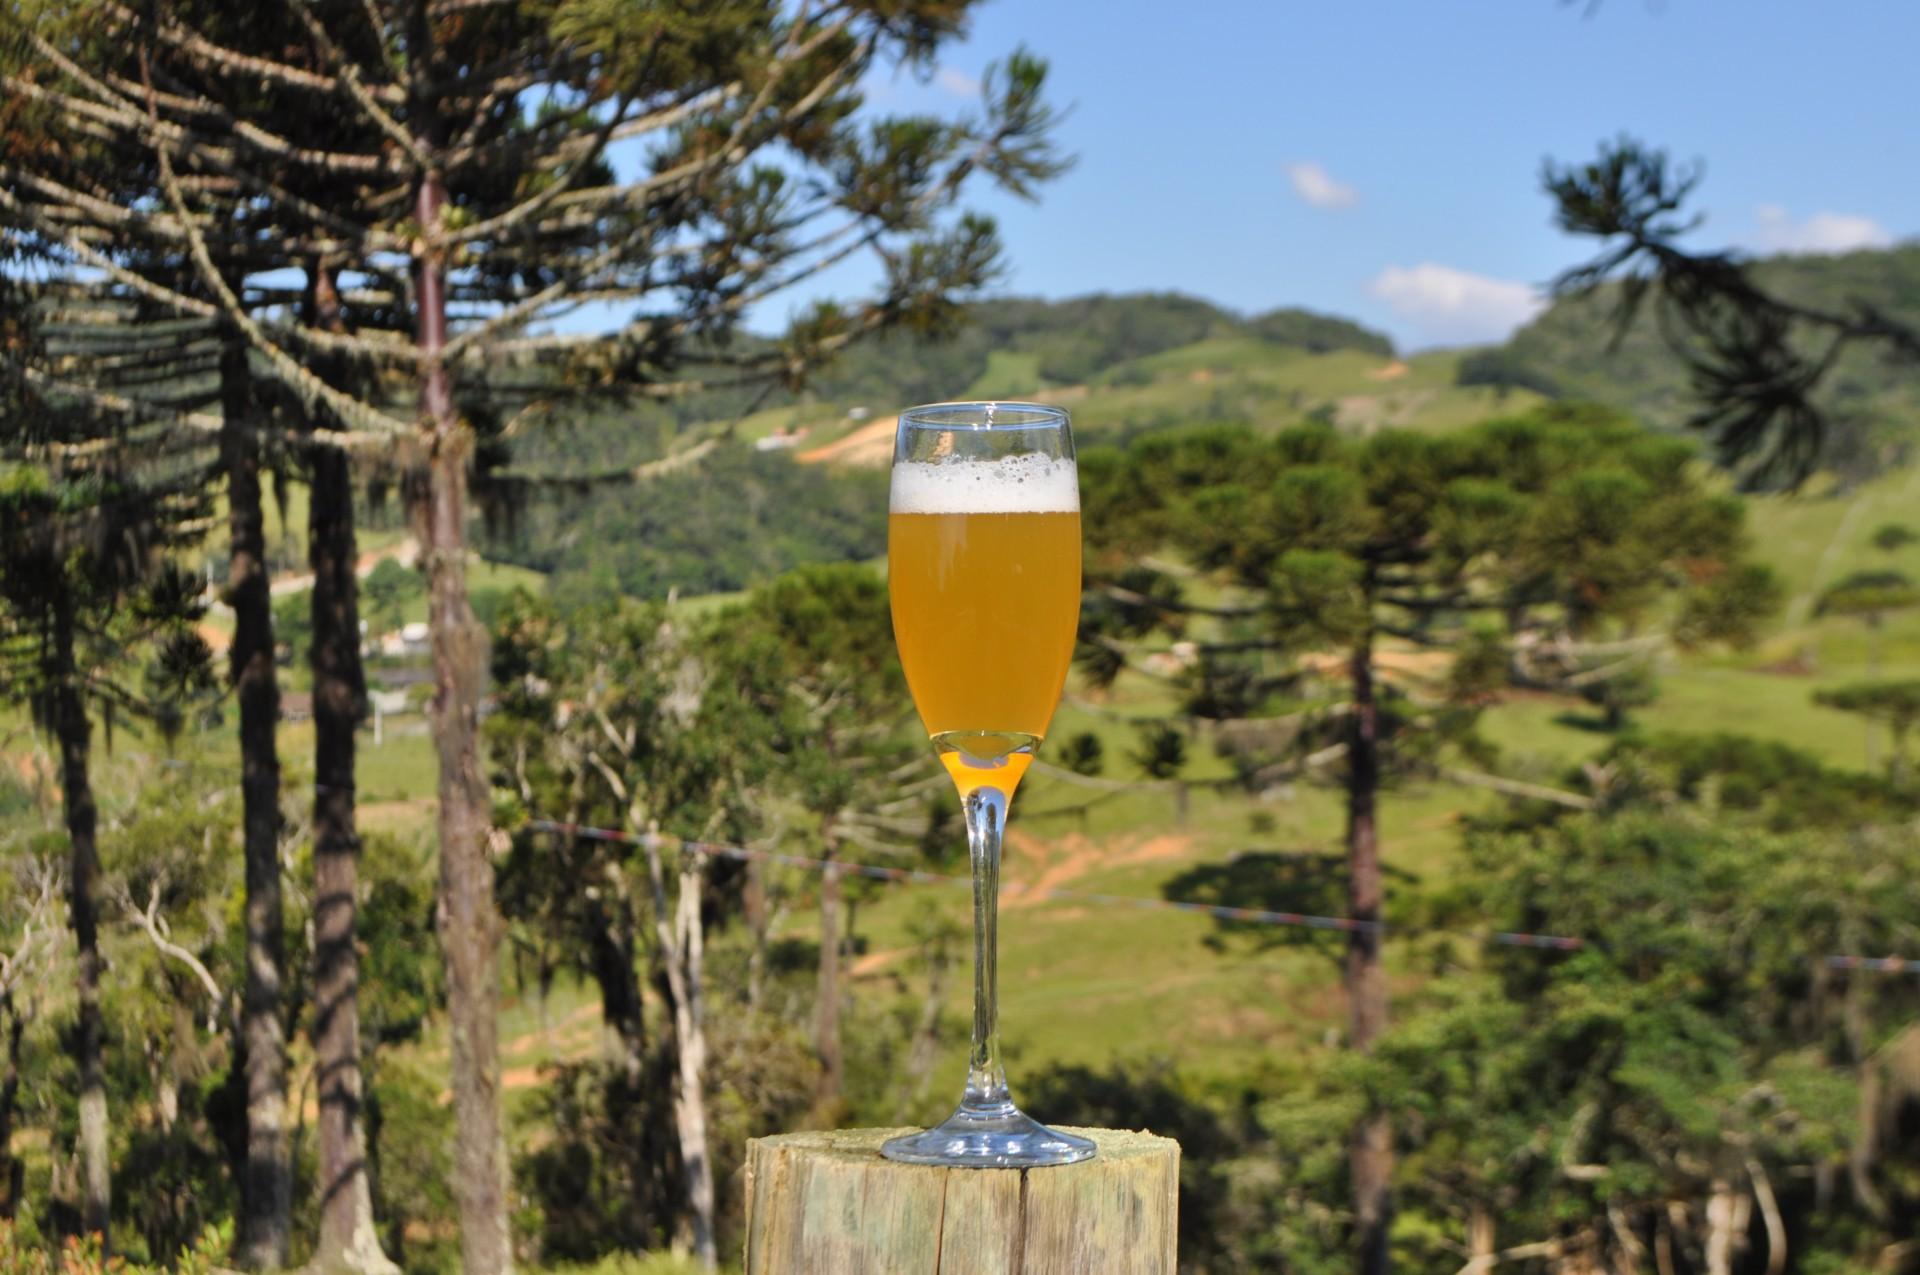 Cervejas de fazenda, inspiradas em receitas tradicionais belgas  (Foto: divulgação)